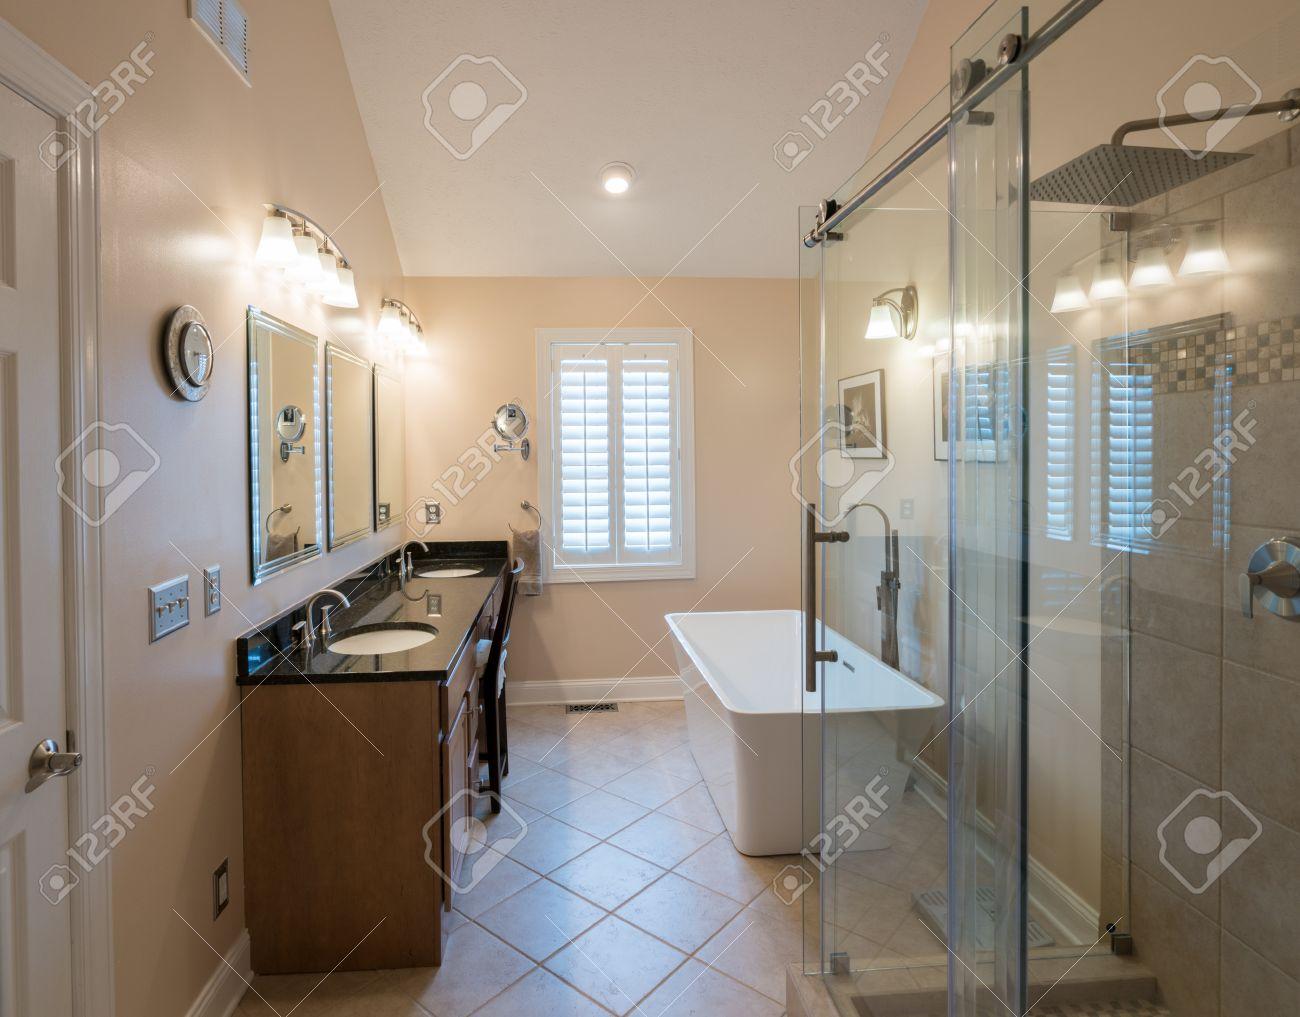 Bagni Moderni Con Doccia : Immagini stock interno del bagno moderno con vasca standalone